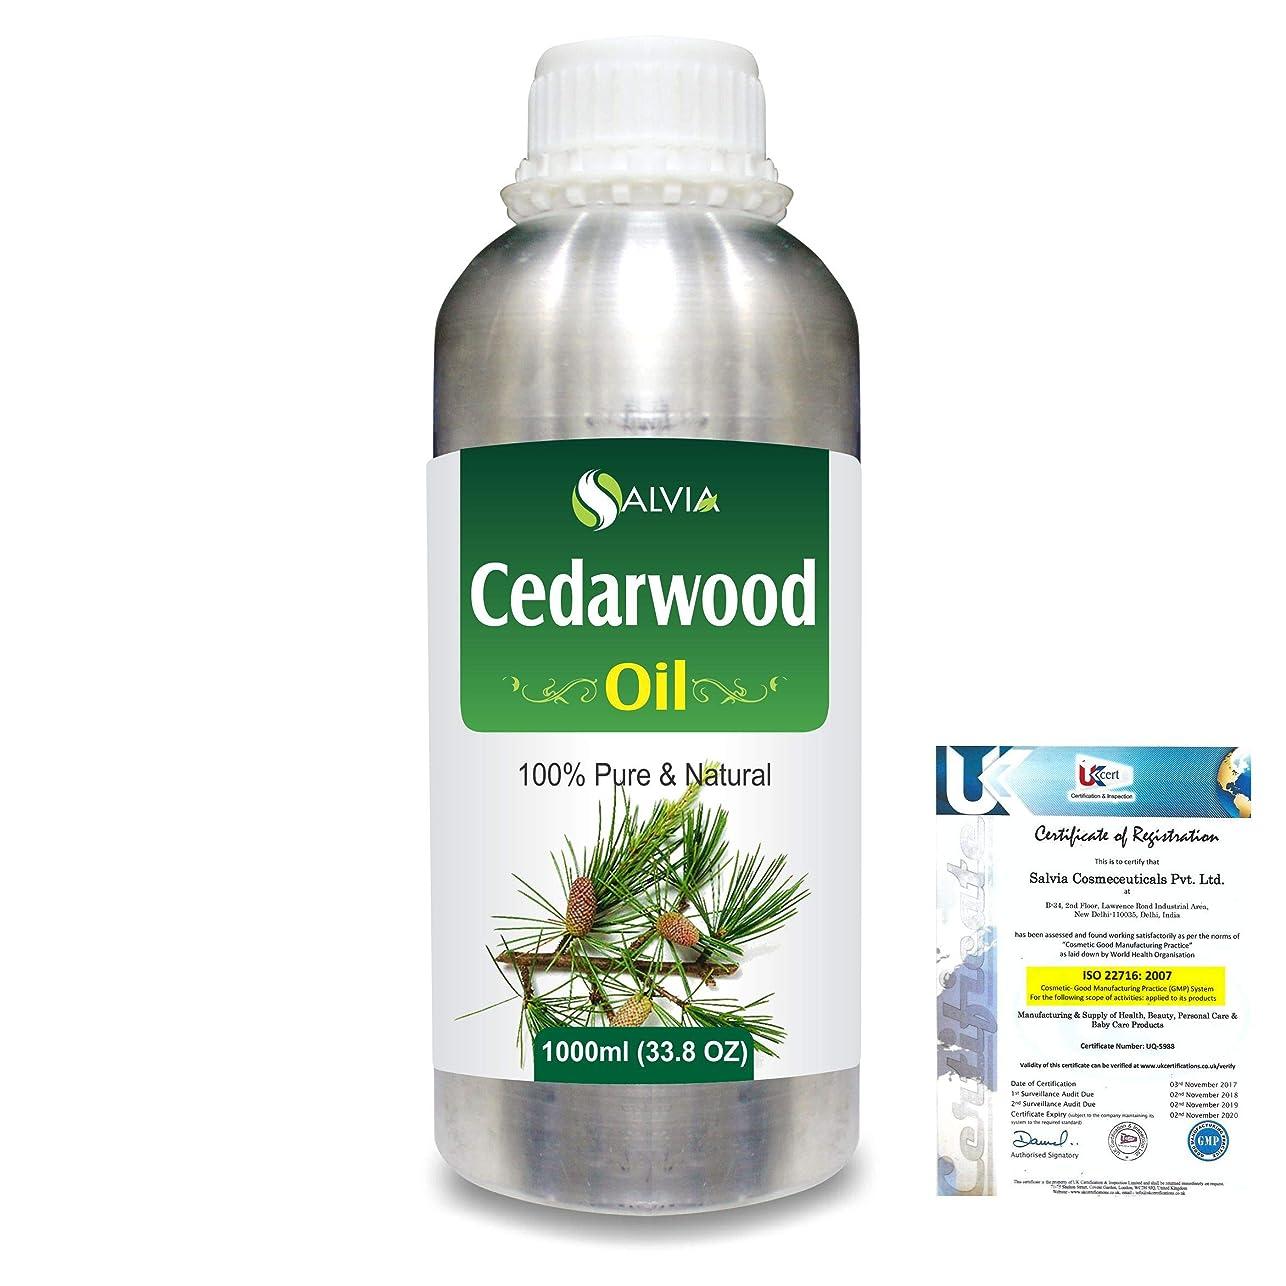 狭い思い出させる宴会Cedar Wood (Juniperus virginiana) 100% Natural Pure Essential Oil 1000ml/33.8fl.oz.